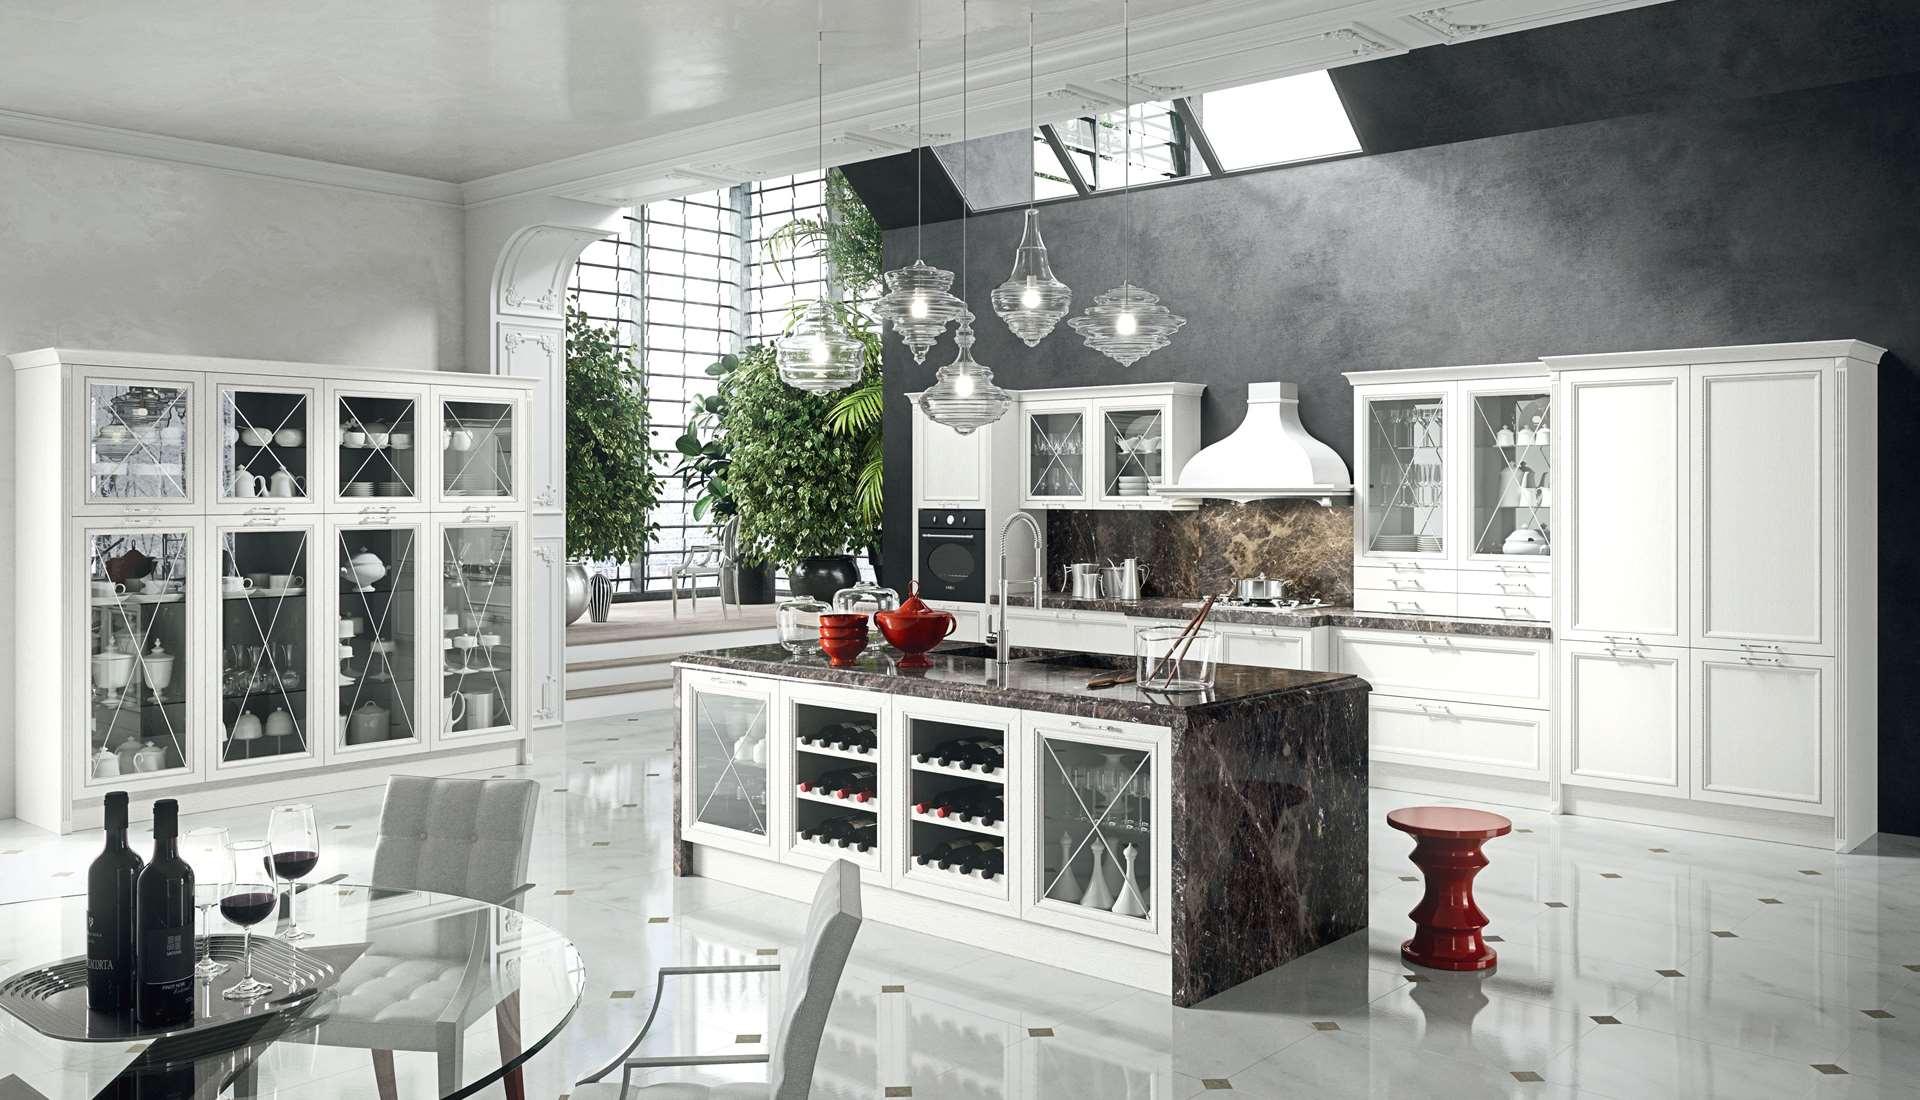 cucine a vista mariano cucine arredamenti su misura corigliano d'otranto